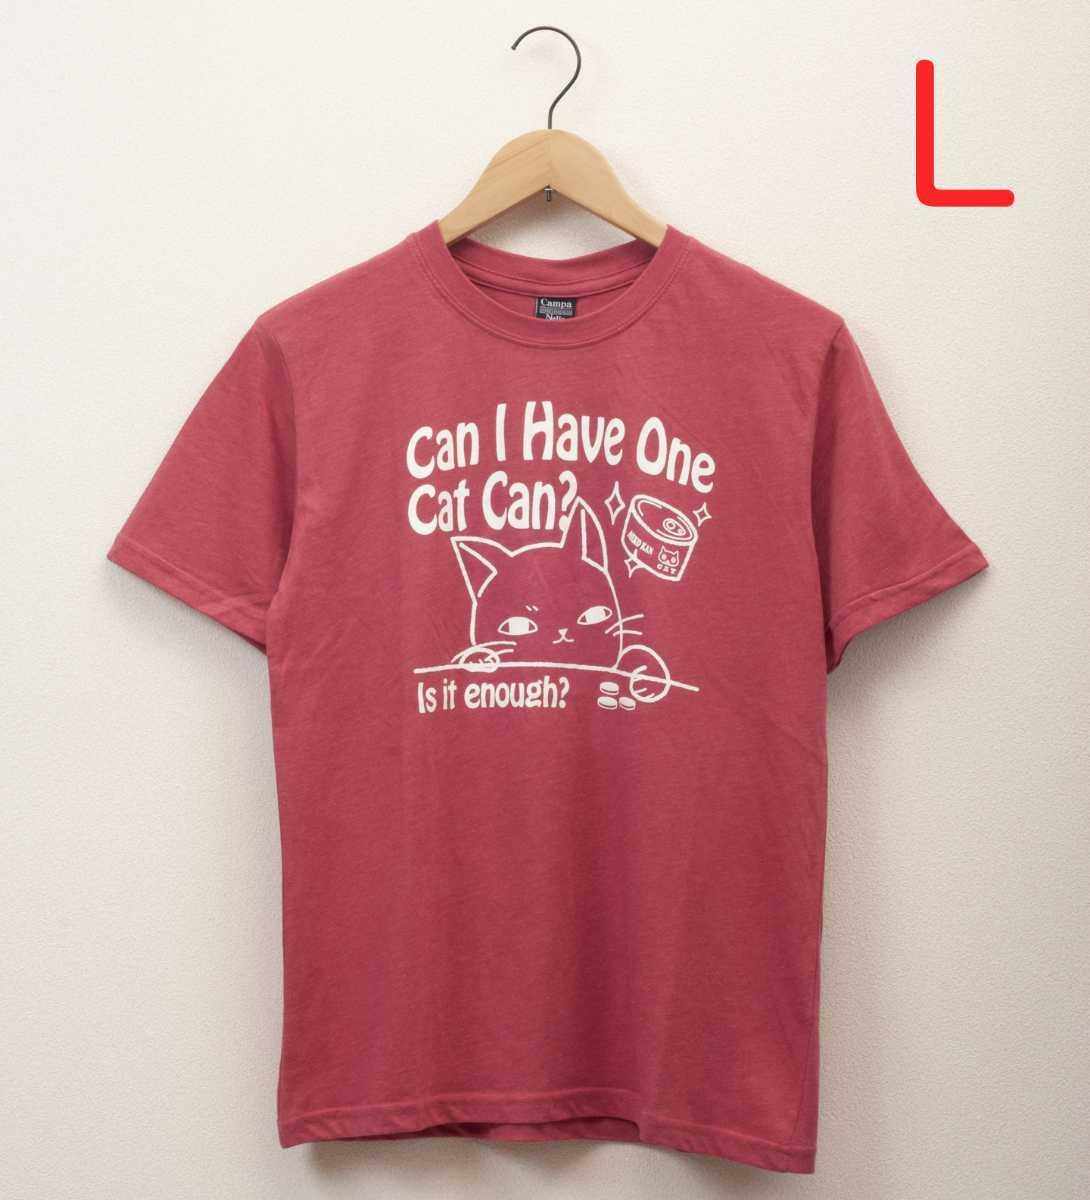 【新品未使用】L 猫缶デザイン 半袖Tシャツ レッド プリントTシャツ ネコ 猫 キャラT メンズ トップス 男女兼用 カワイイ cat にゃんこ